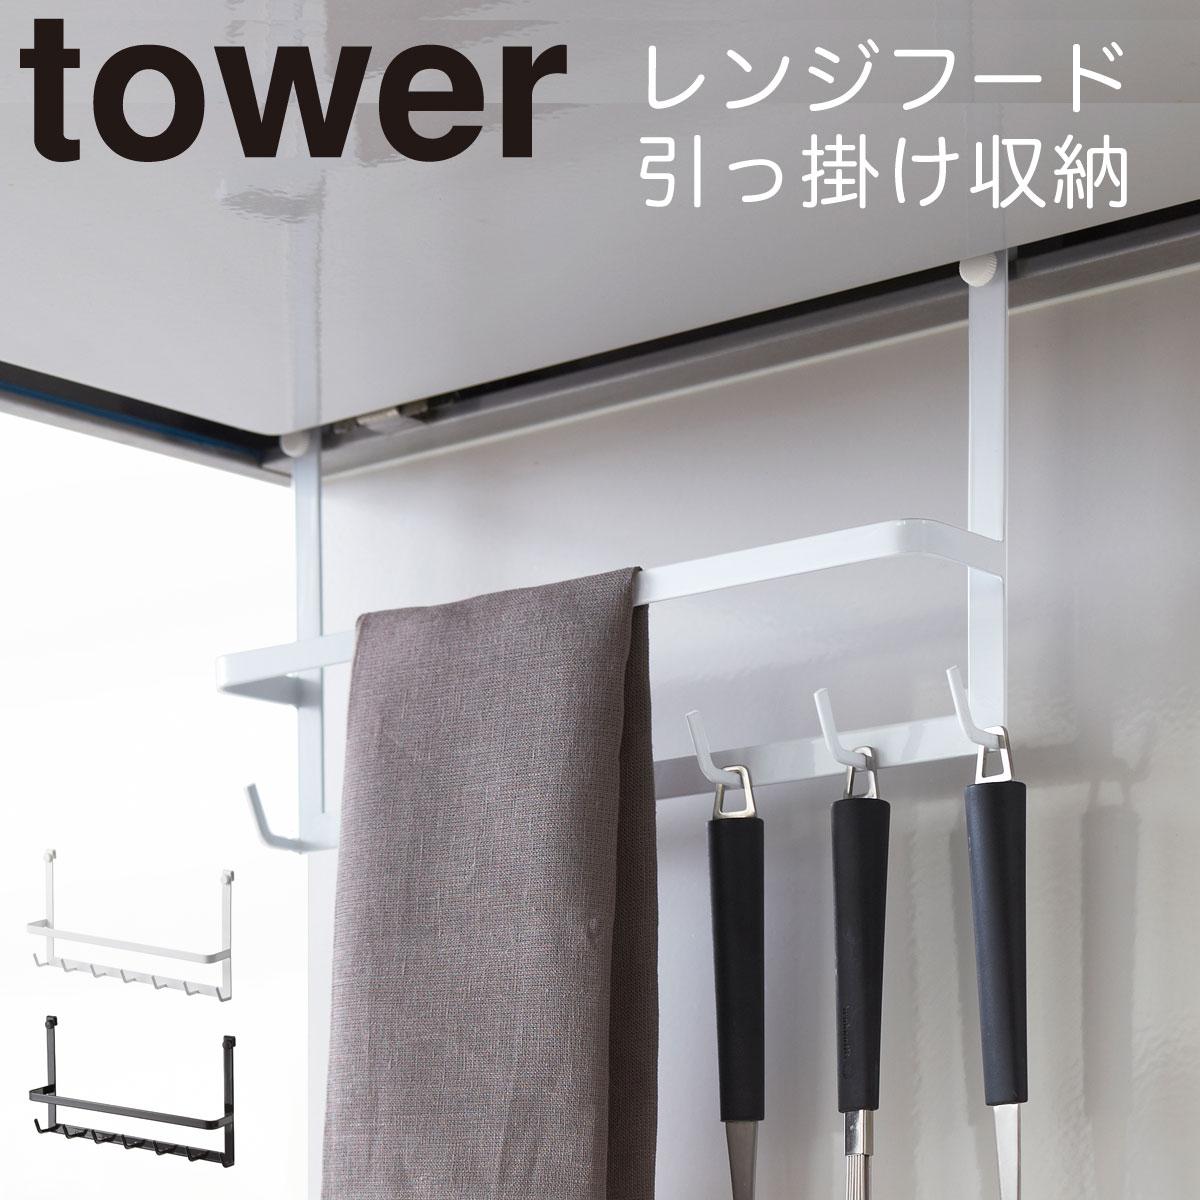 キッチンツール 収納 レンジフードフック タワー 白い 黒 tower